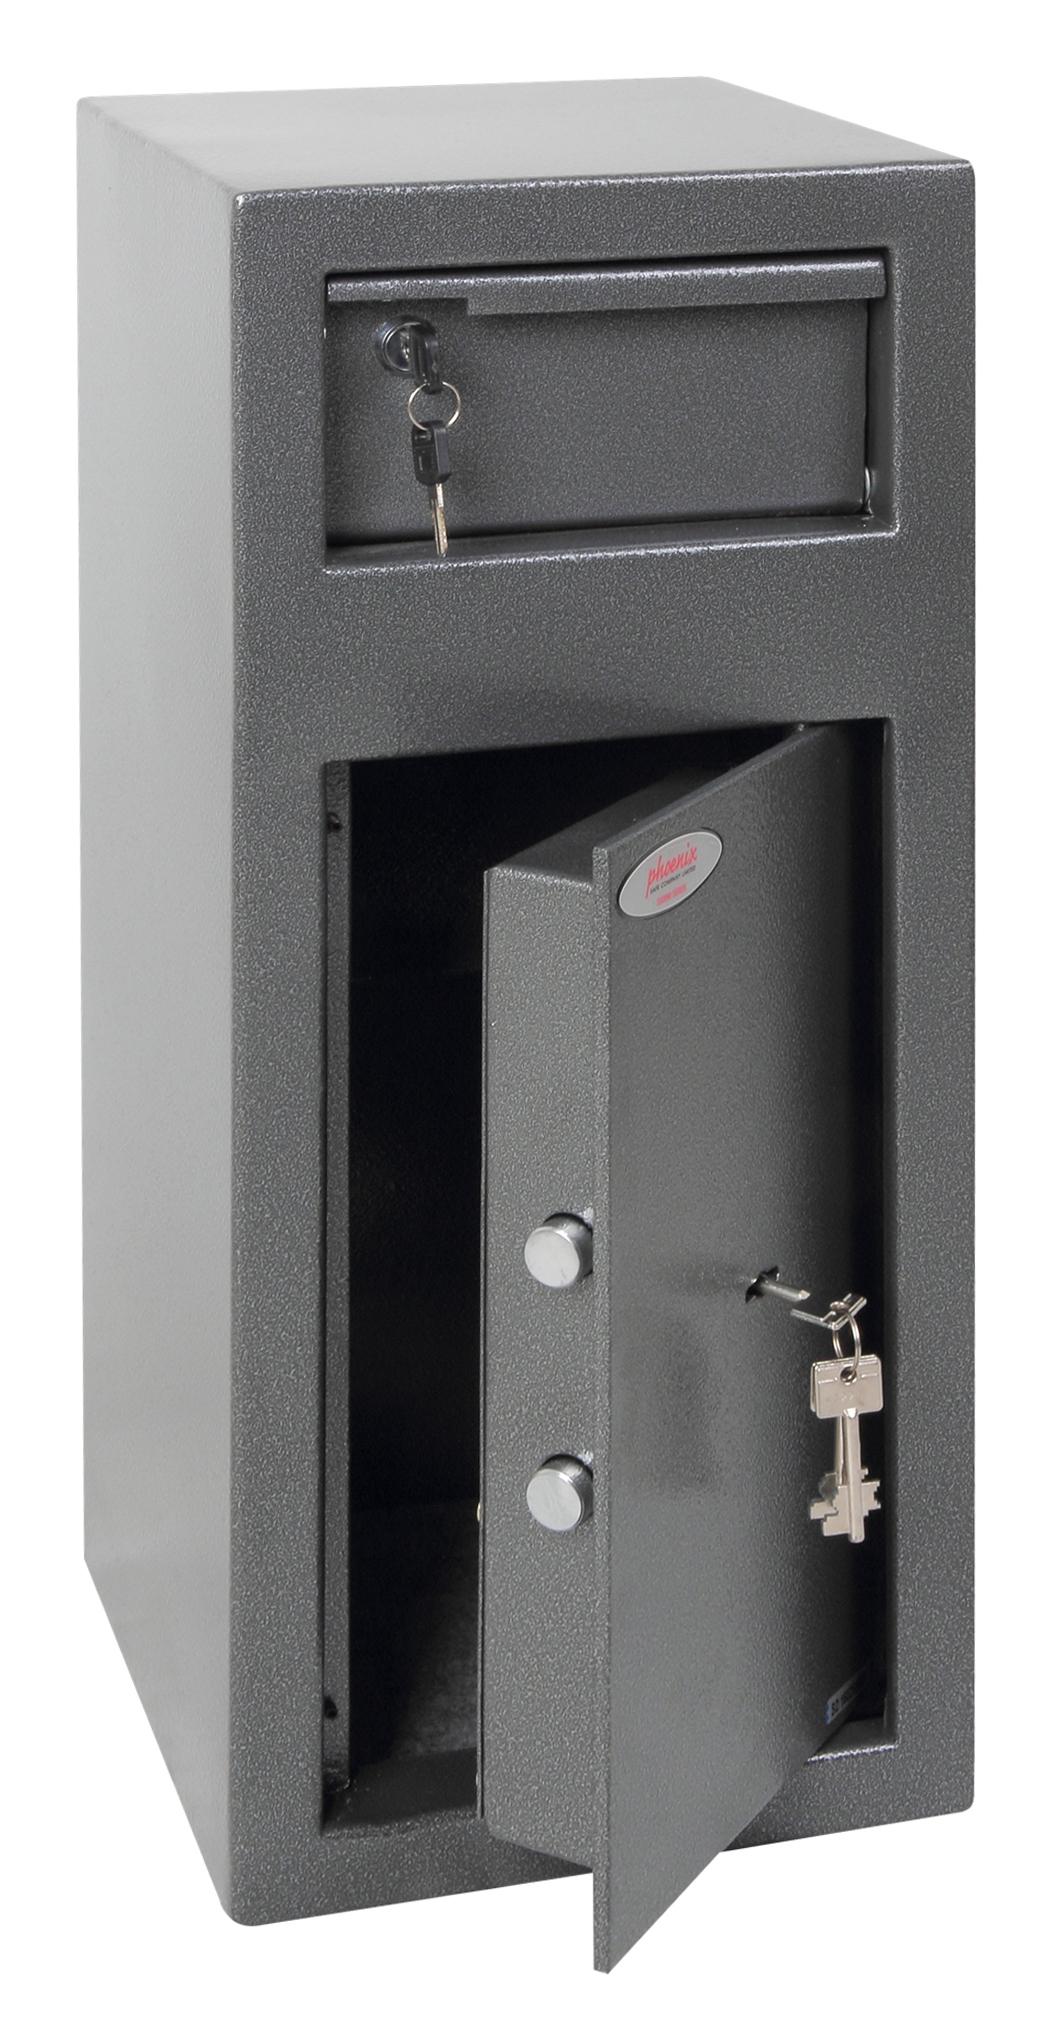 Phoenix Safe Phoenix SS0992KD - Frei stehend sicher - Grau - Schlüssel - Stahl - Geld - 250 mm